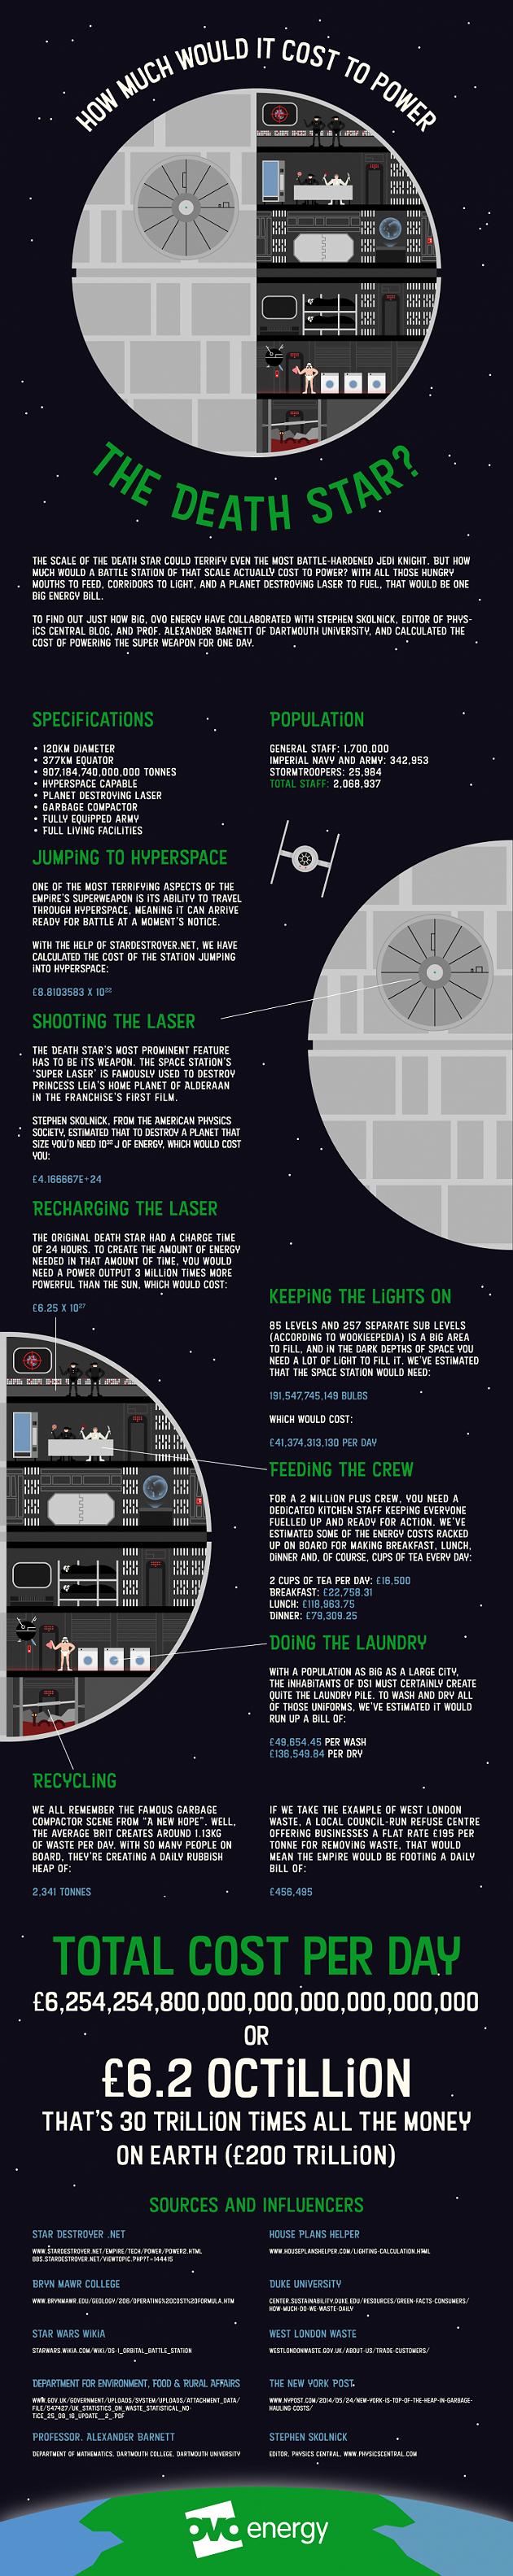 Death Star running costs